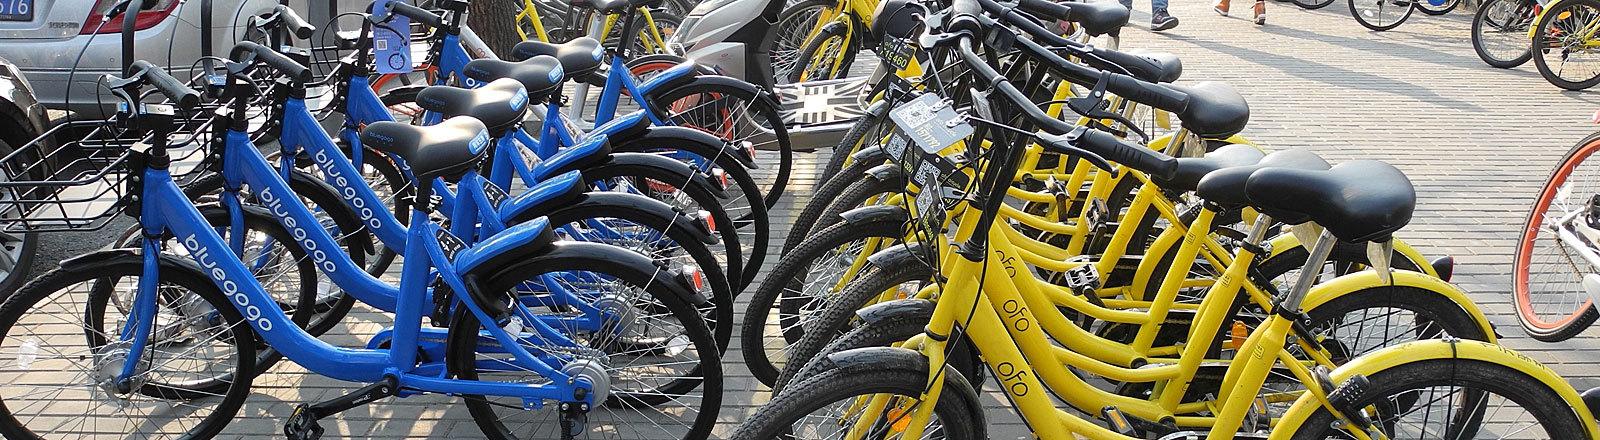 Blaue und gelbe Fahrräder in Peking.